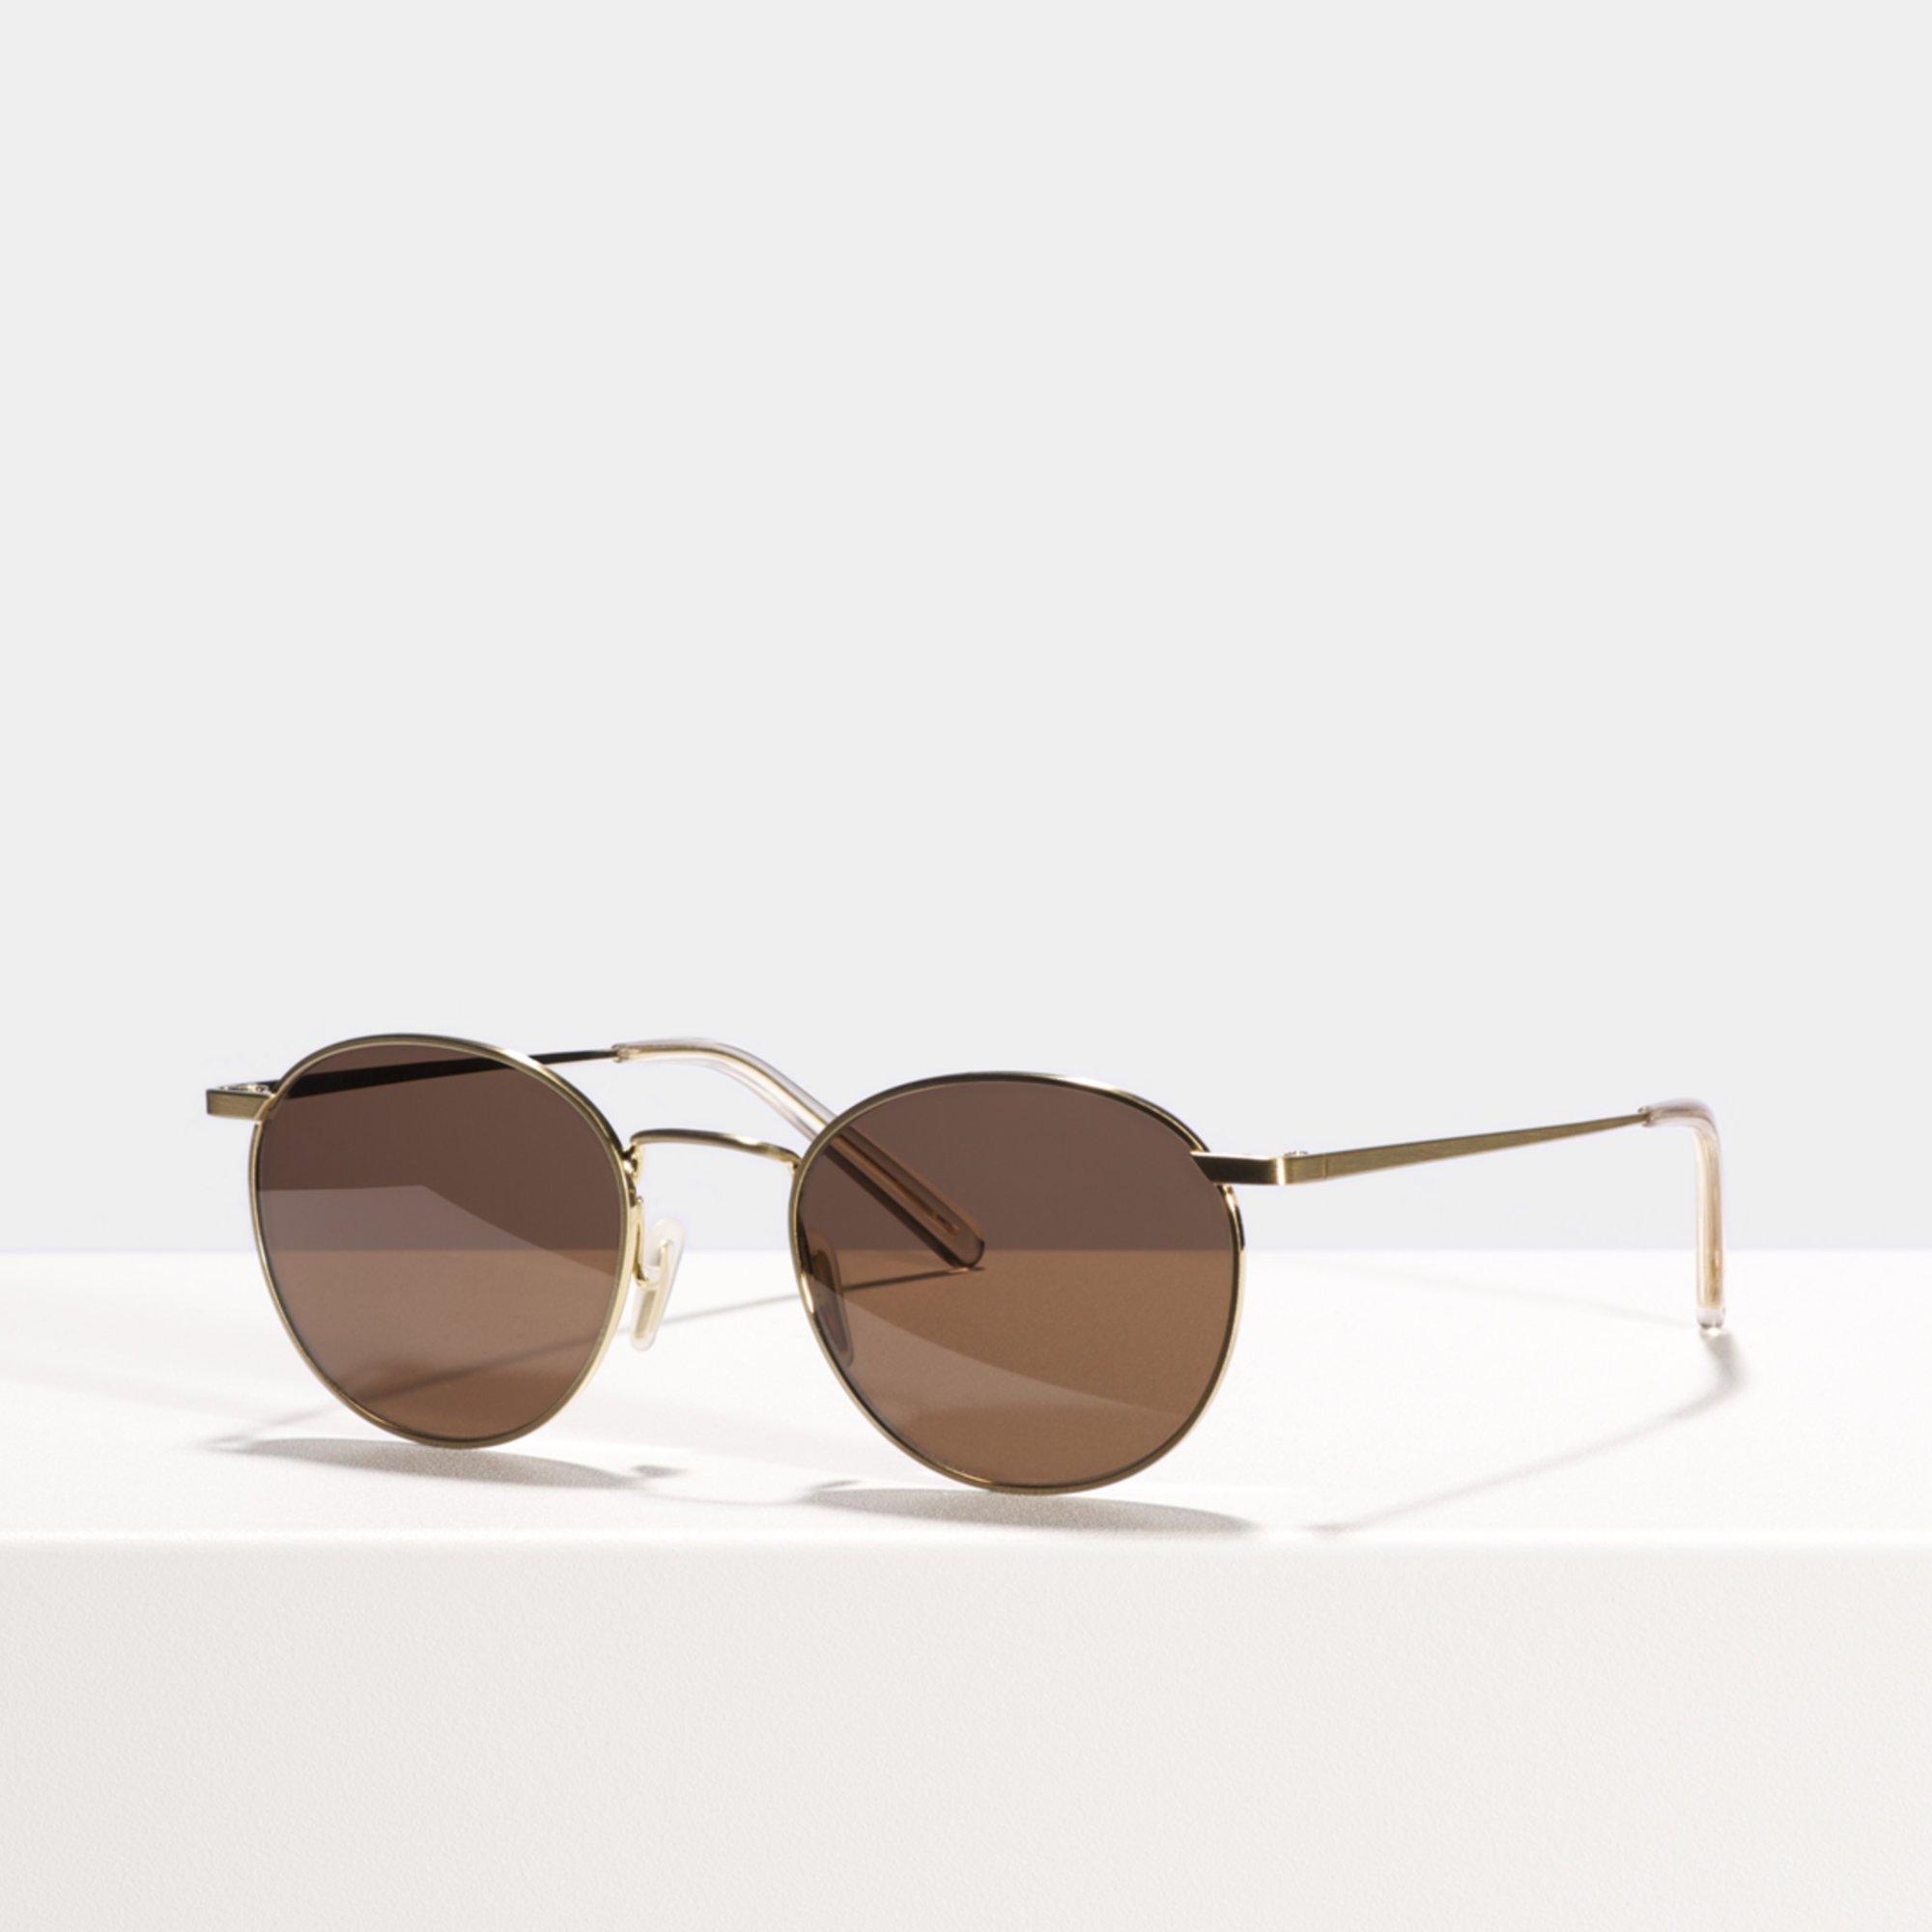 Ace & Tate Sunglasses   round titanium in Gold